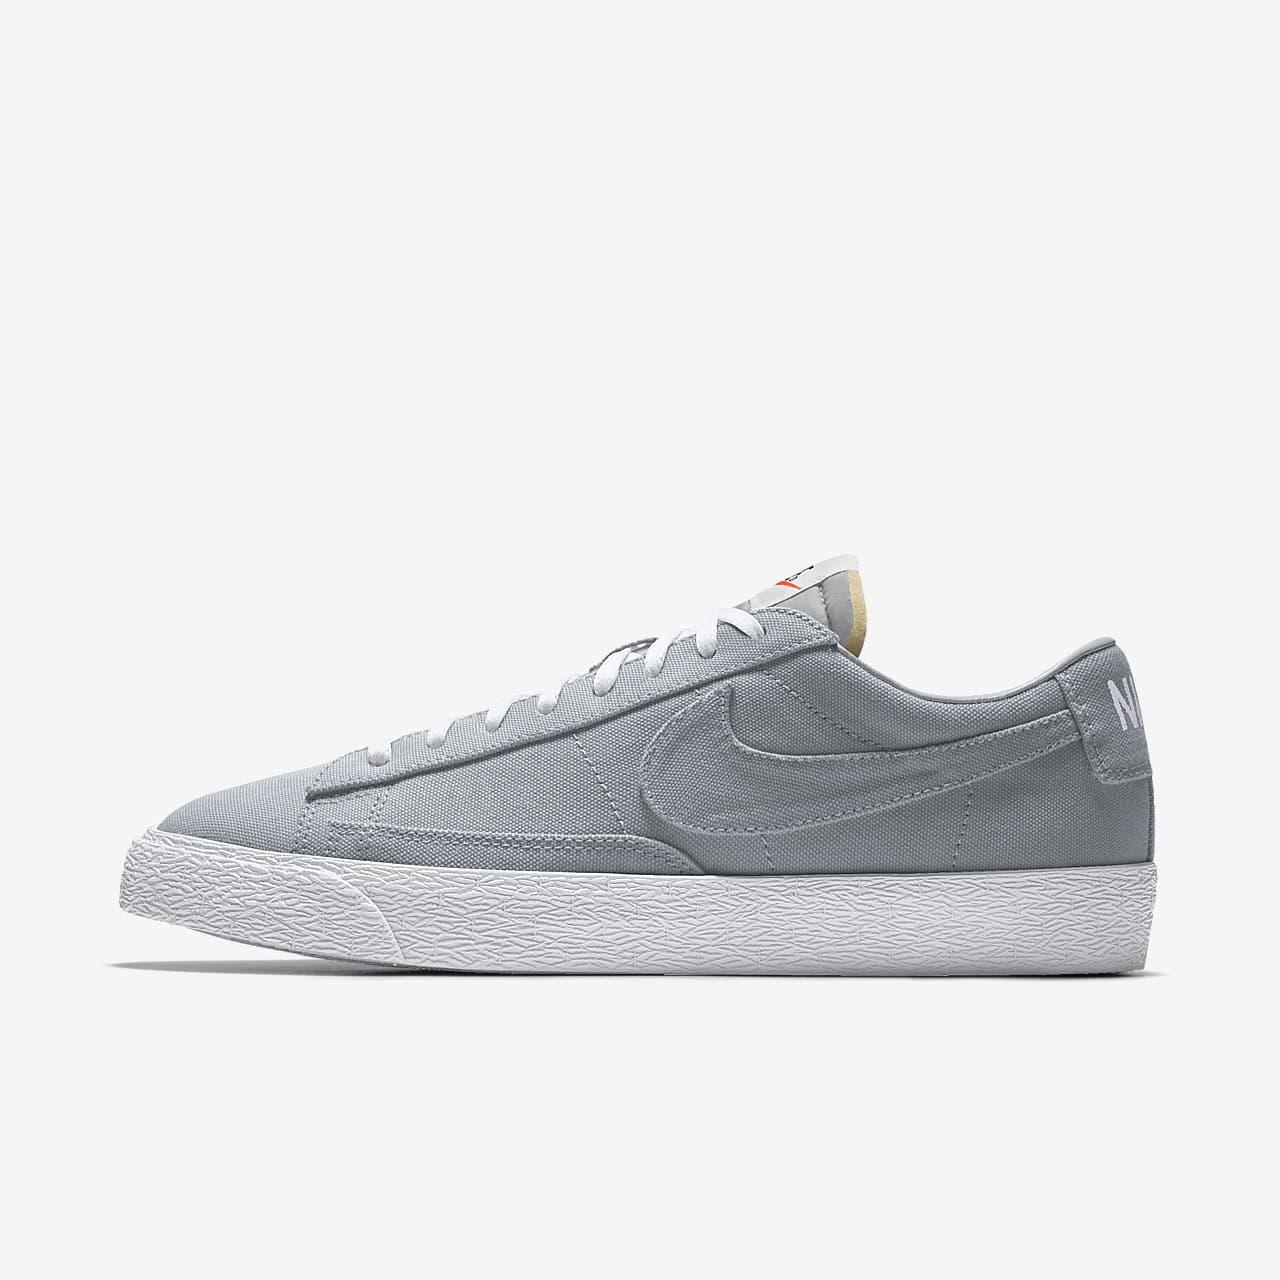 Nike Blazer Low By You Custom 男子运动鞋